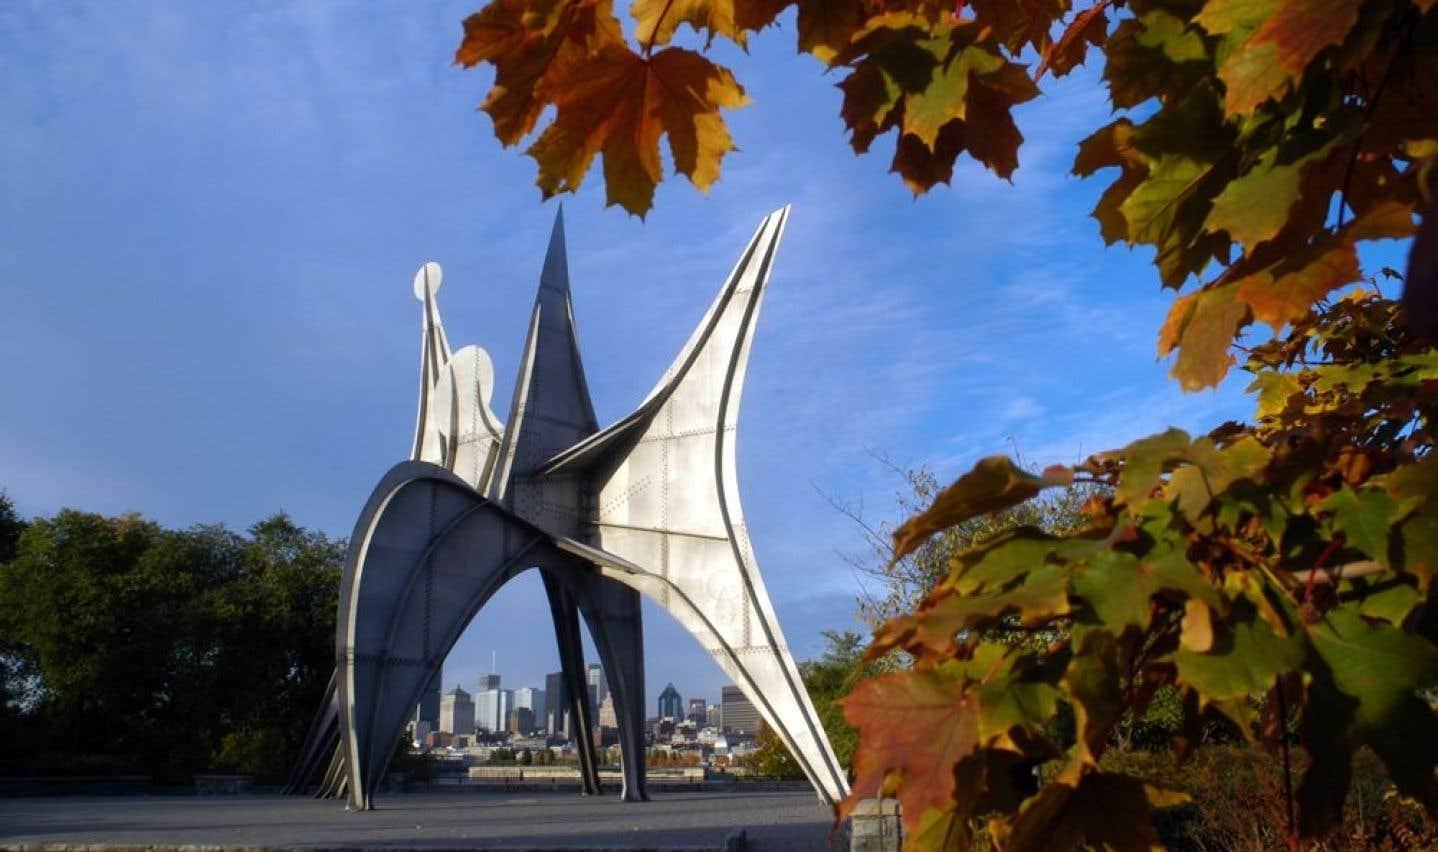 Il faut résister à la tentation de relocaliser la sculpture de Calder